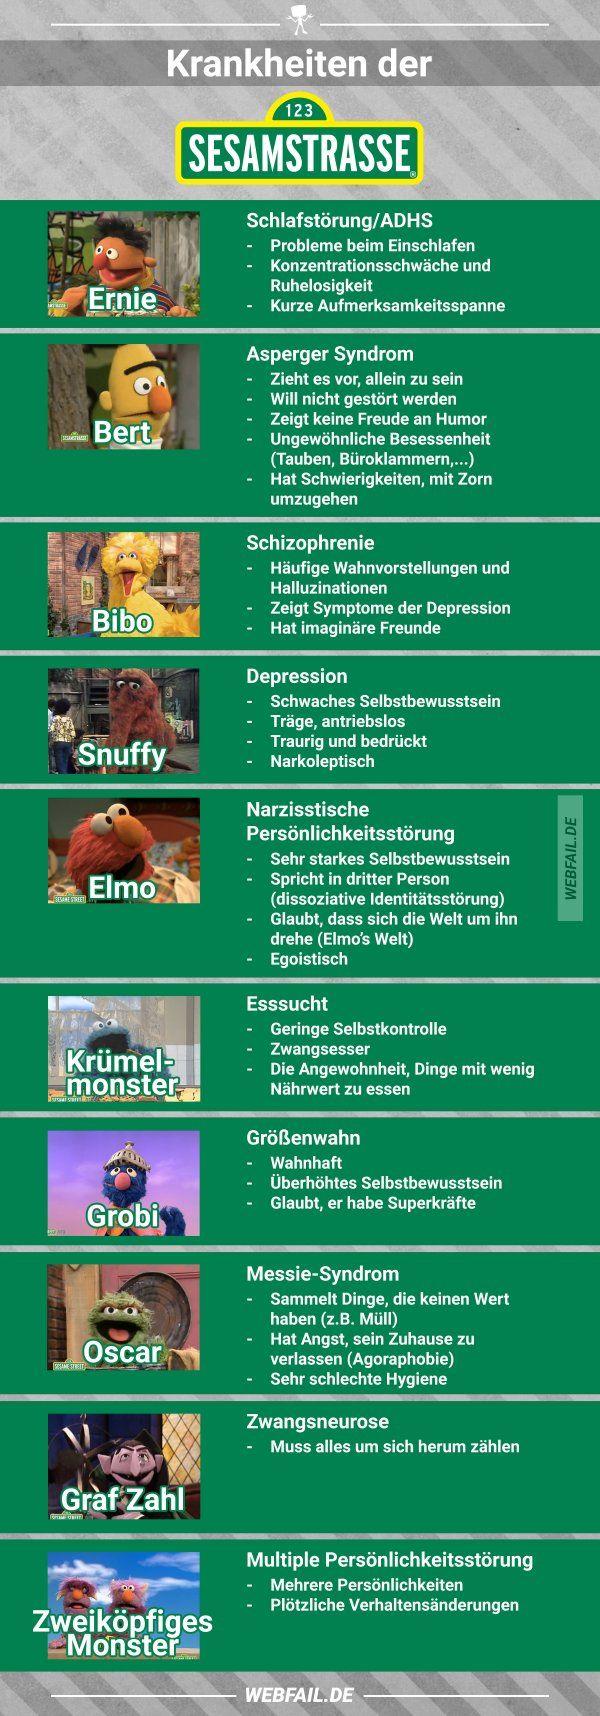 Die Krankheiten der Sesamstraße | Webfail - Fail Bilder und Fail Videos